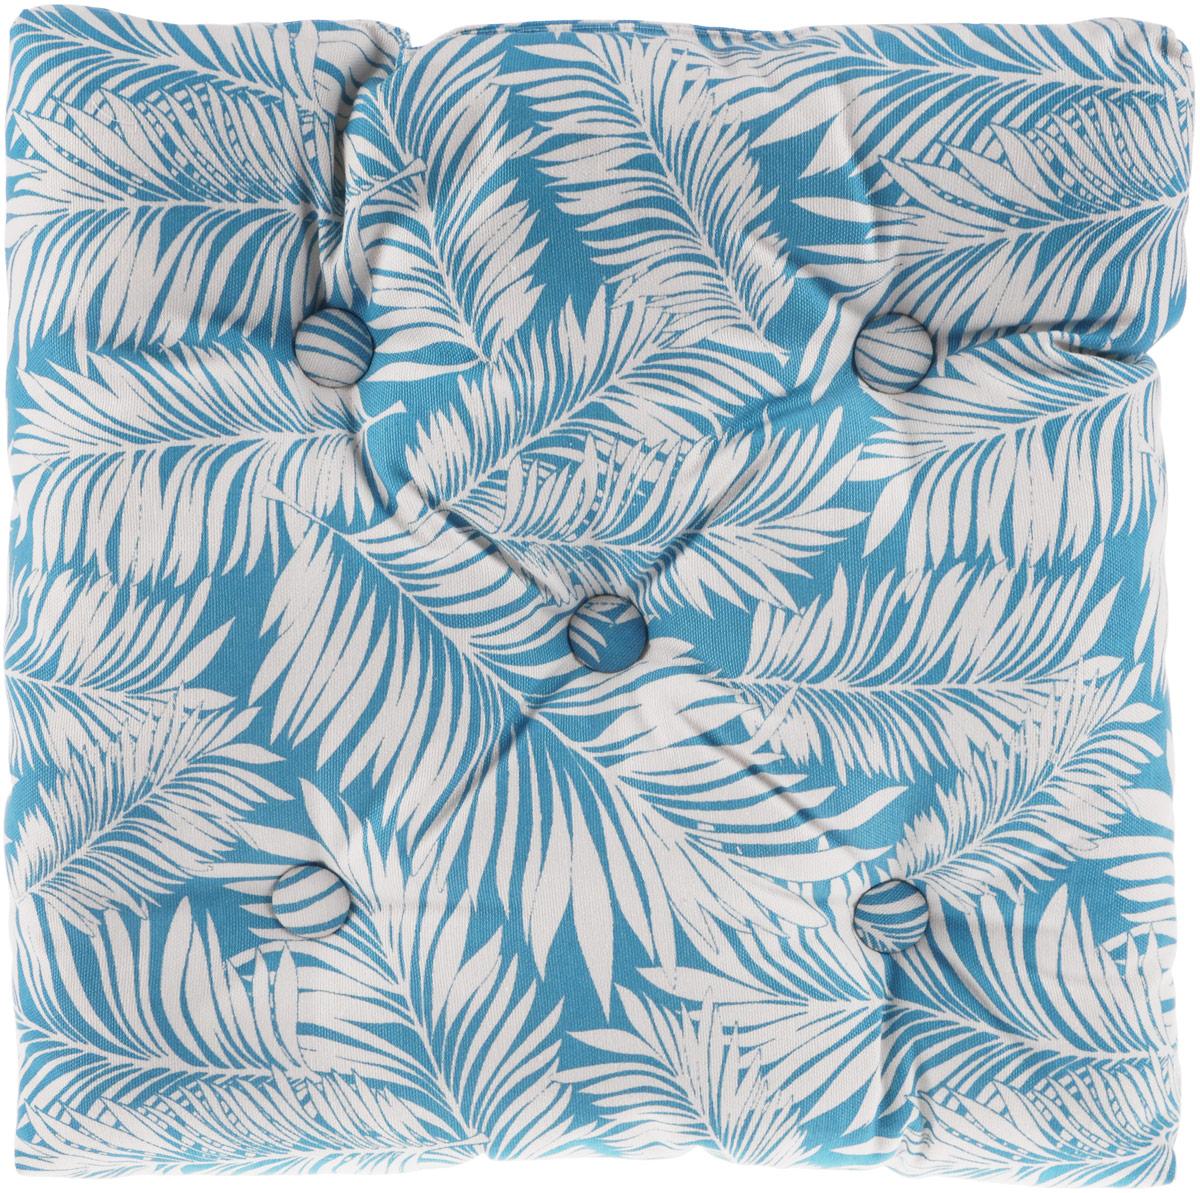 Подушка на стул KauffOrt Лазурный берег, цвет: голубой, белый, 40 x 40 см подушки pastel подушка на стул